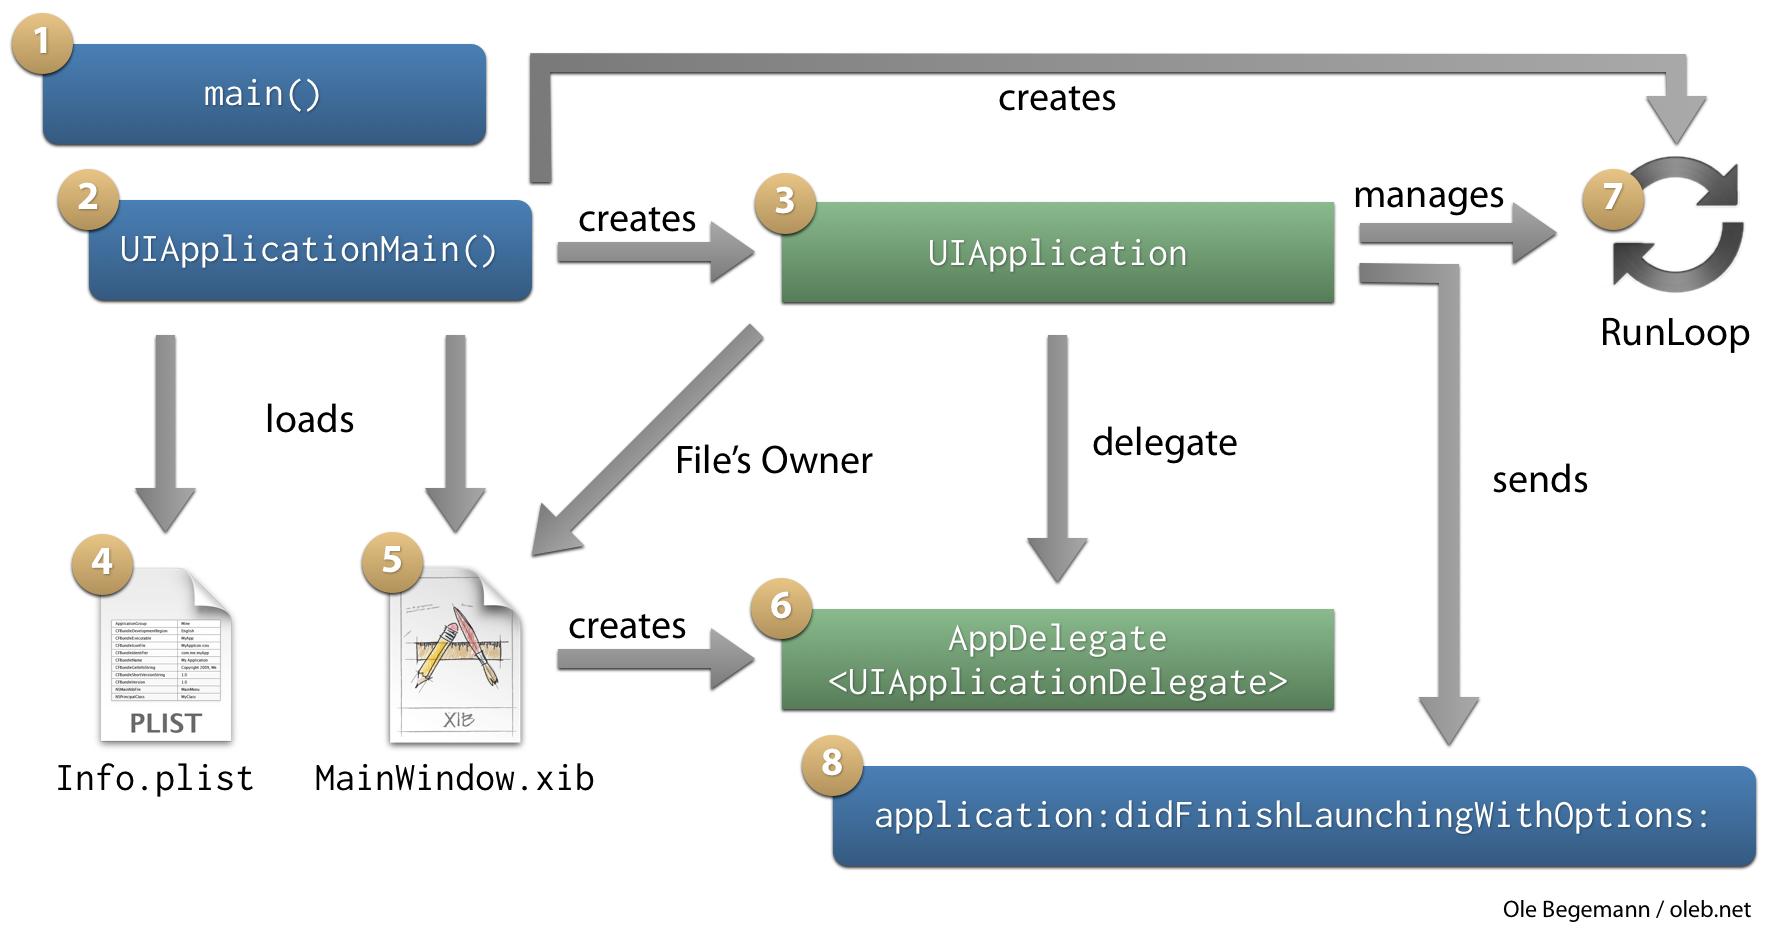 The App Launch Sequence on iOS – Ole Begemann